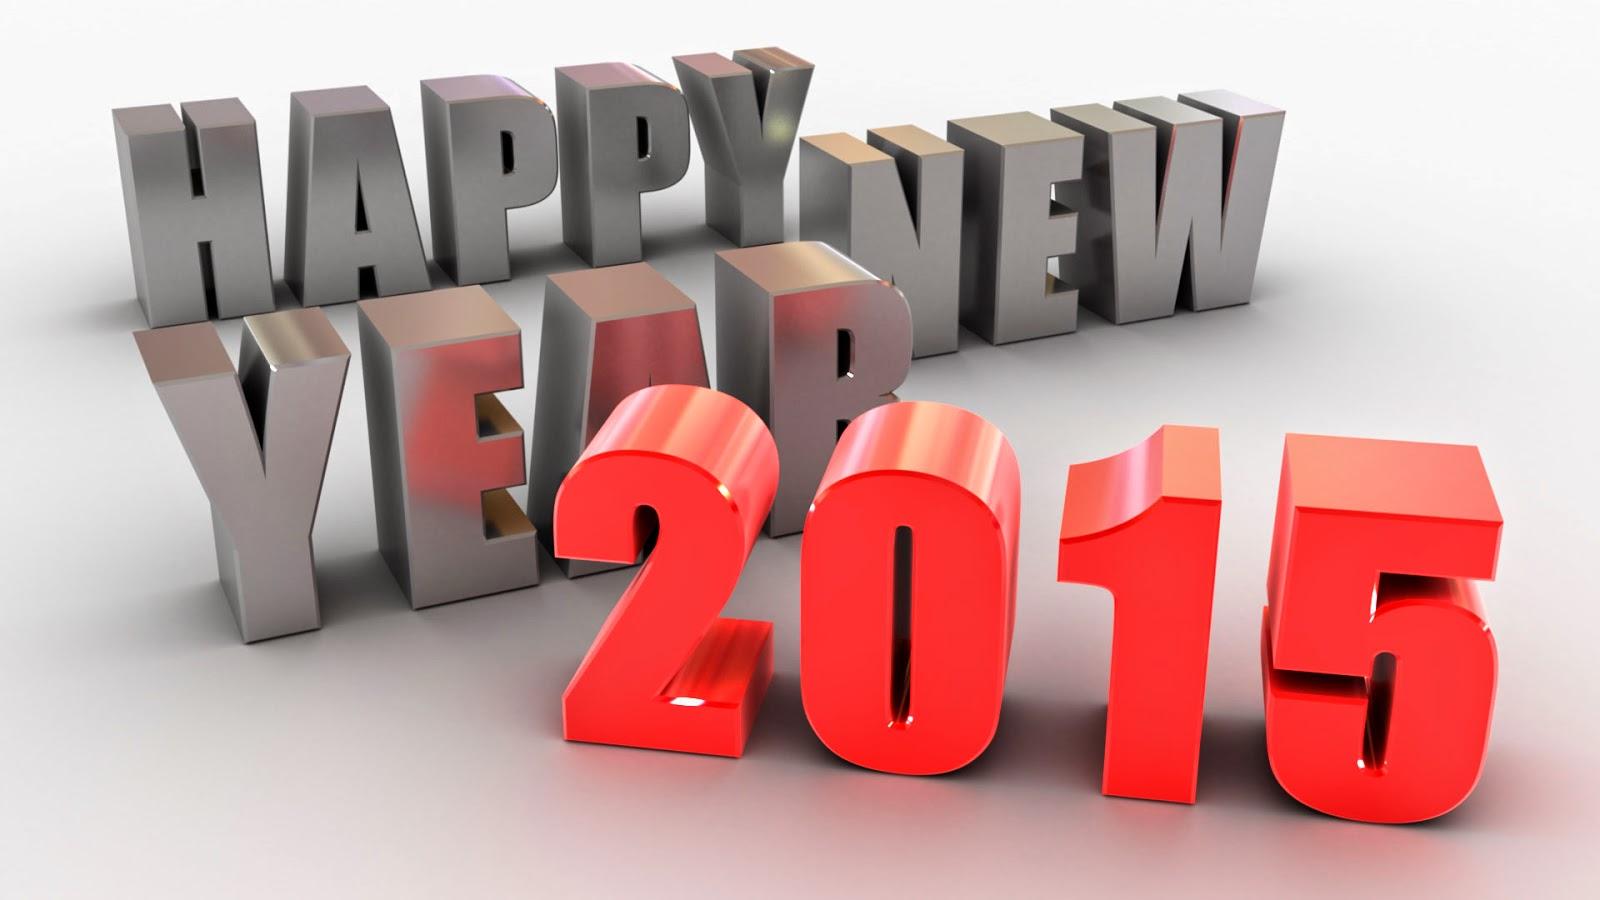 Happy new year 2015 #Happynewyear2015